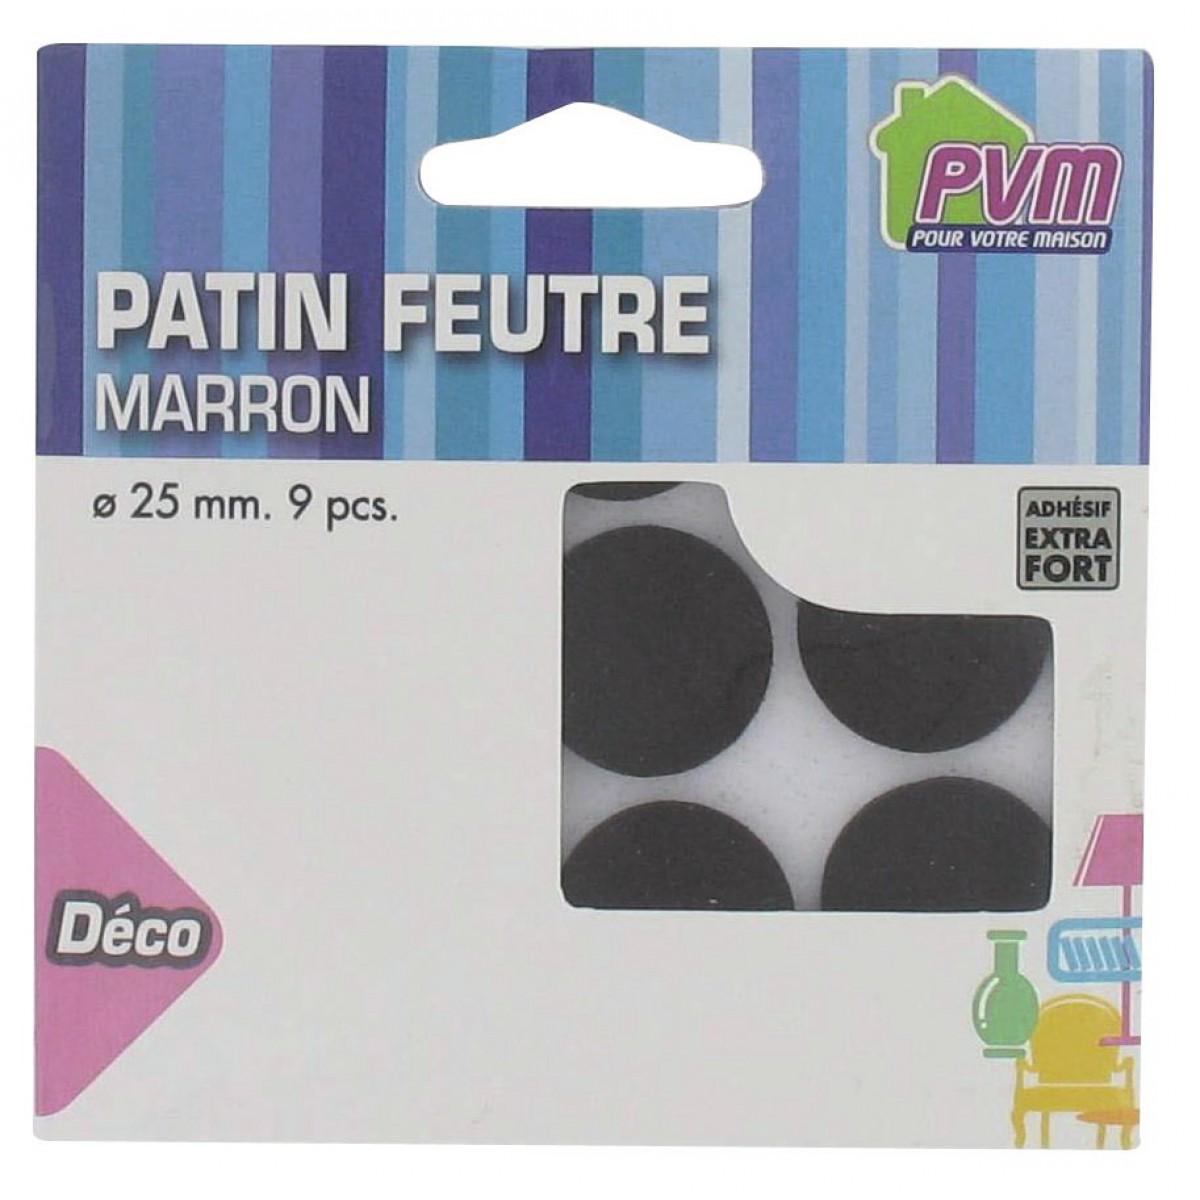 Patin feutre marron adhésif PVM - Diamètre 25 mm - Vendu par 9